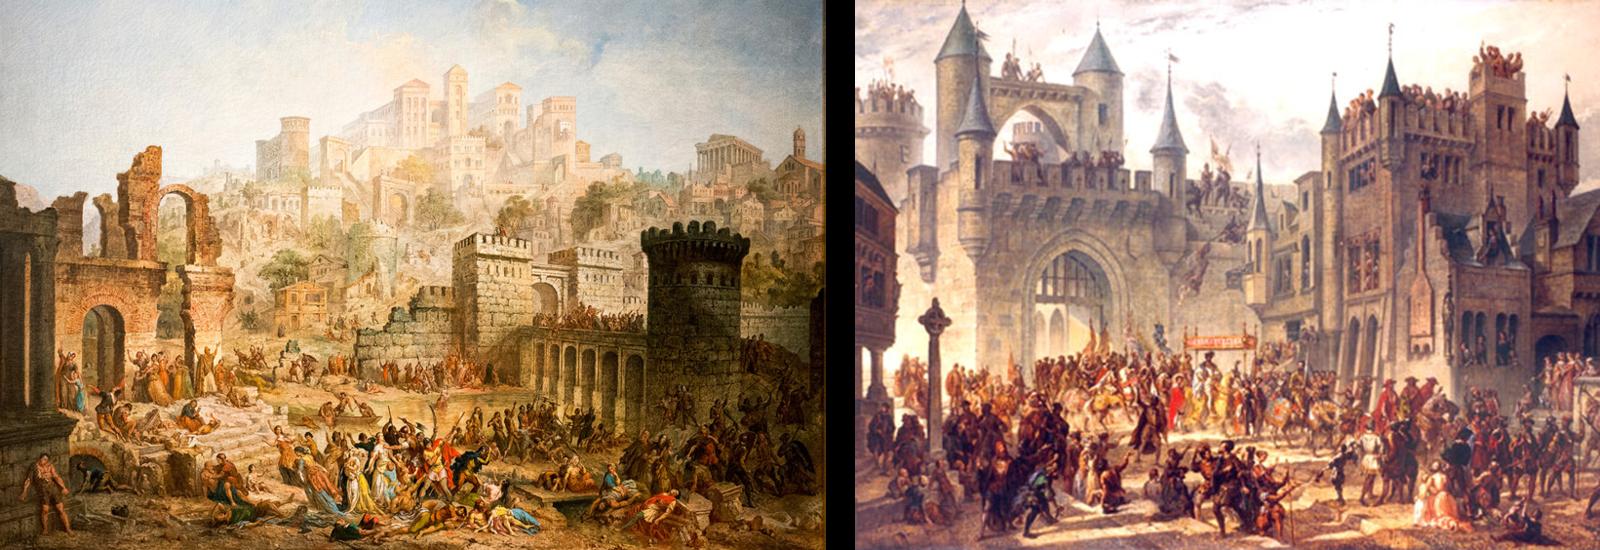 Massacre des Juifs à Metz par les premiers croisés en  1095 --- Fin de la République messine. Entrée à Metz de Henri II, roi de France, 1552.